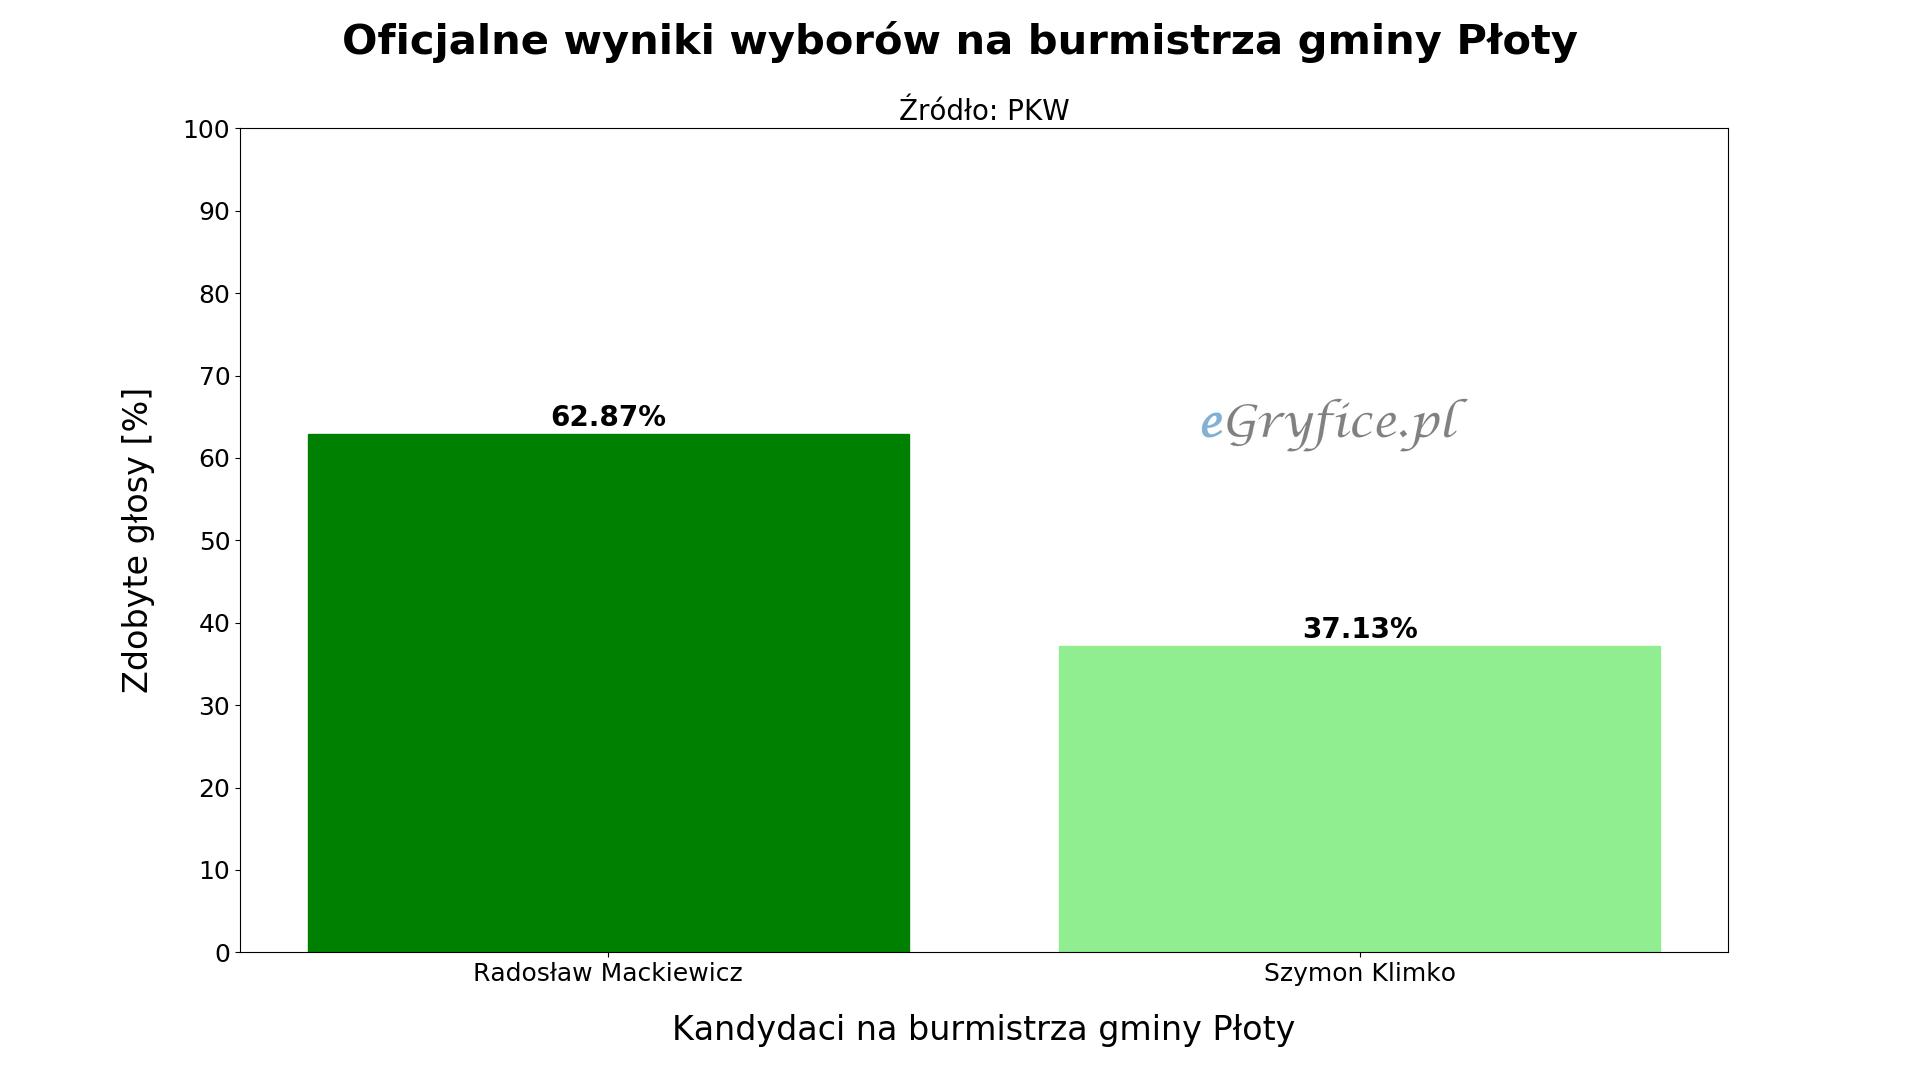 Oficjalne wyniki drugiej tury wyborów na burmistrza Płotów. Wykres przedstawia procentowy podział głosów na Radosława Mackiewicza i Szymona Klimko